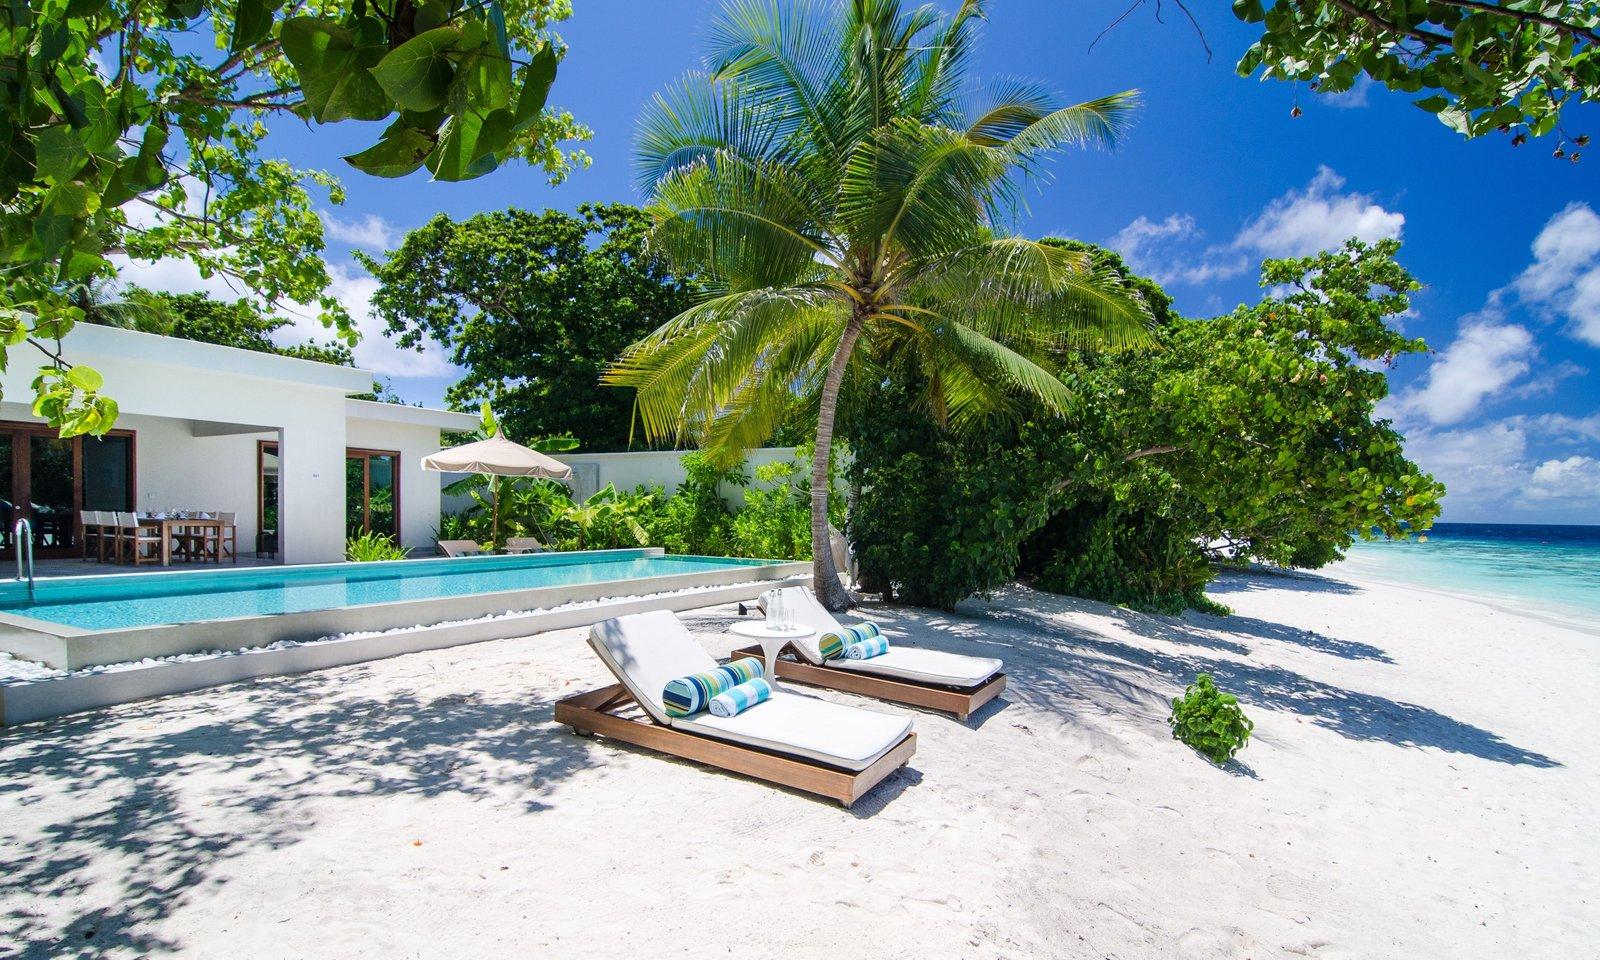 Мальдивы, Отель Amilla Fushi Maldives, номер Beach Pool Villa